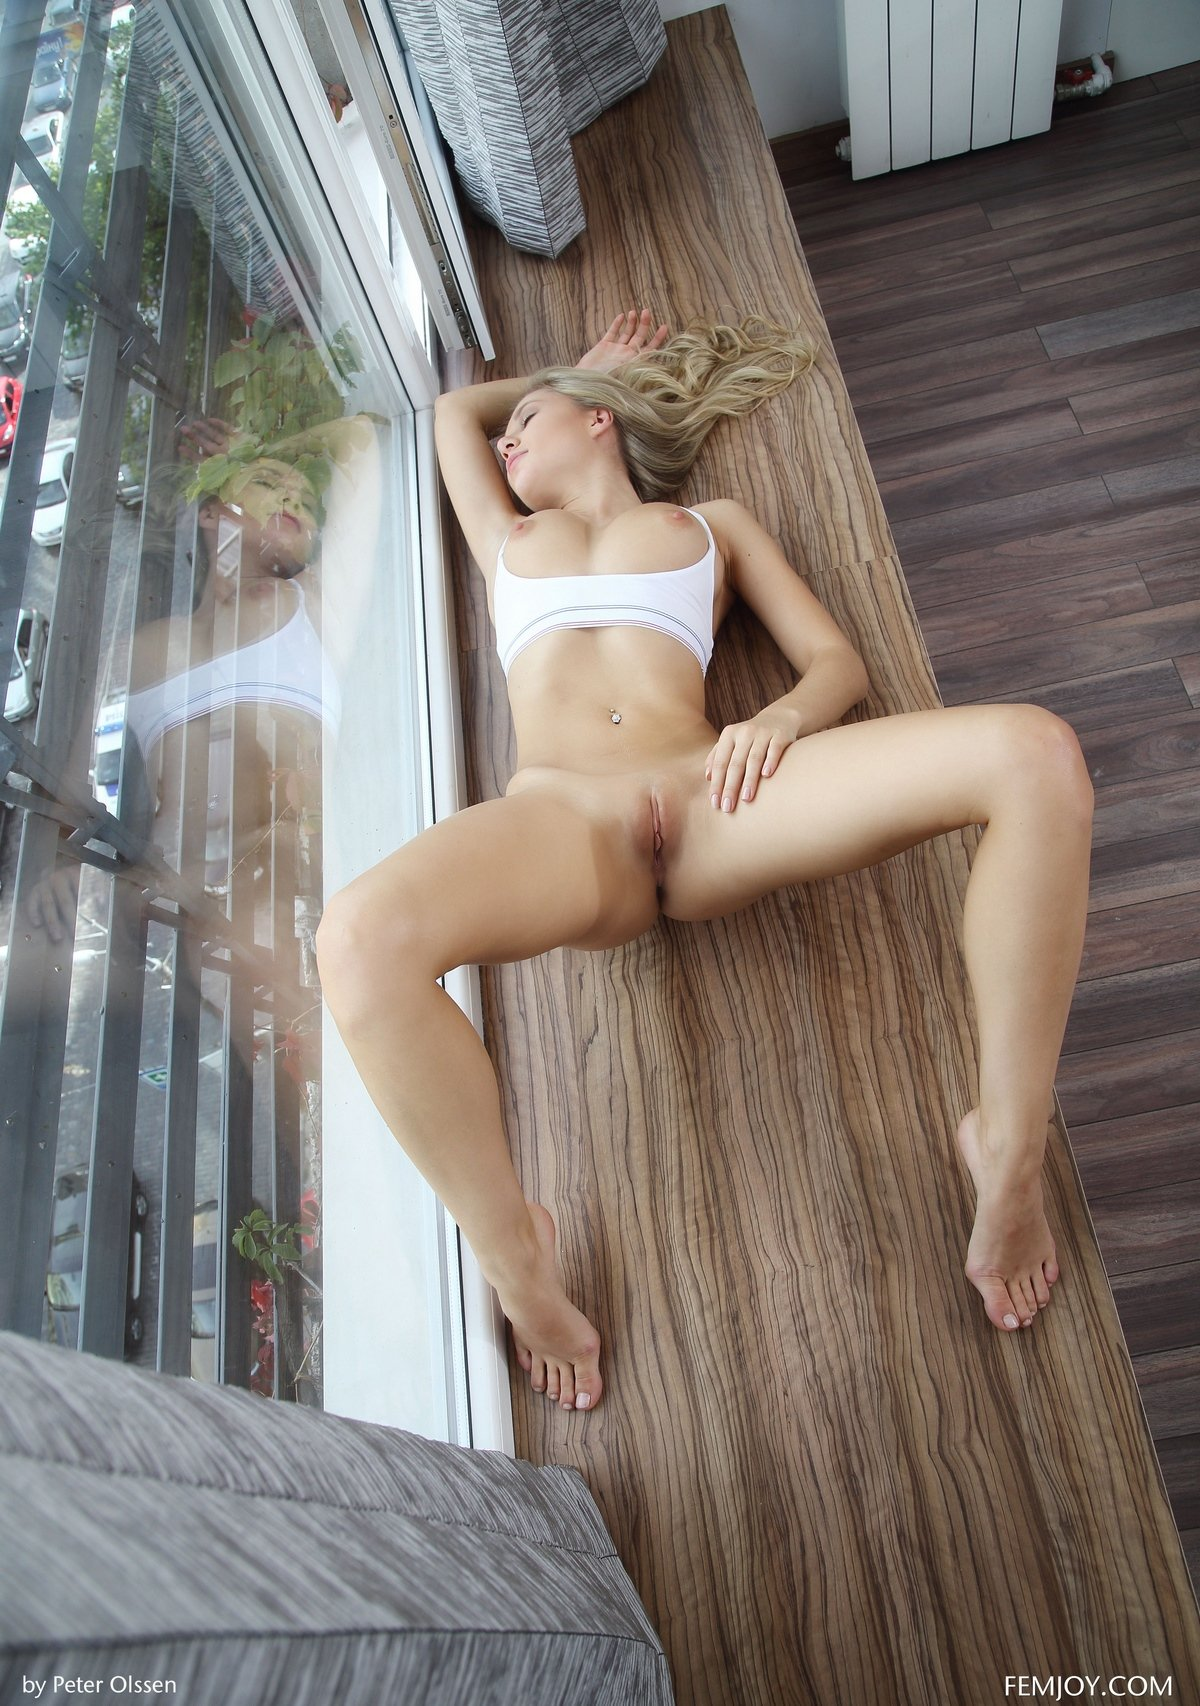 Блондинка с красивым телом возле большого окна